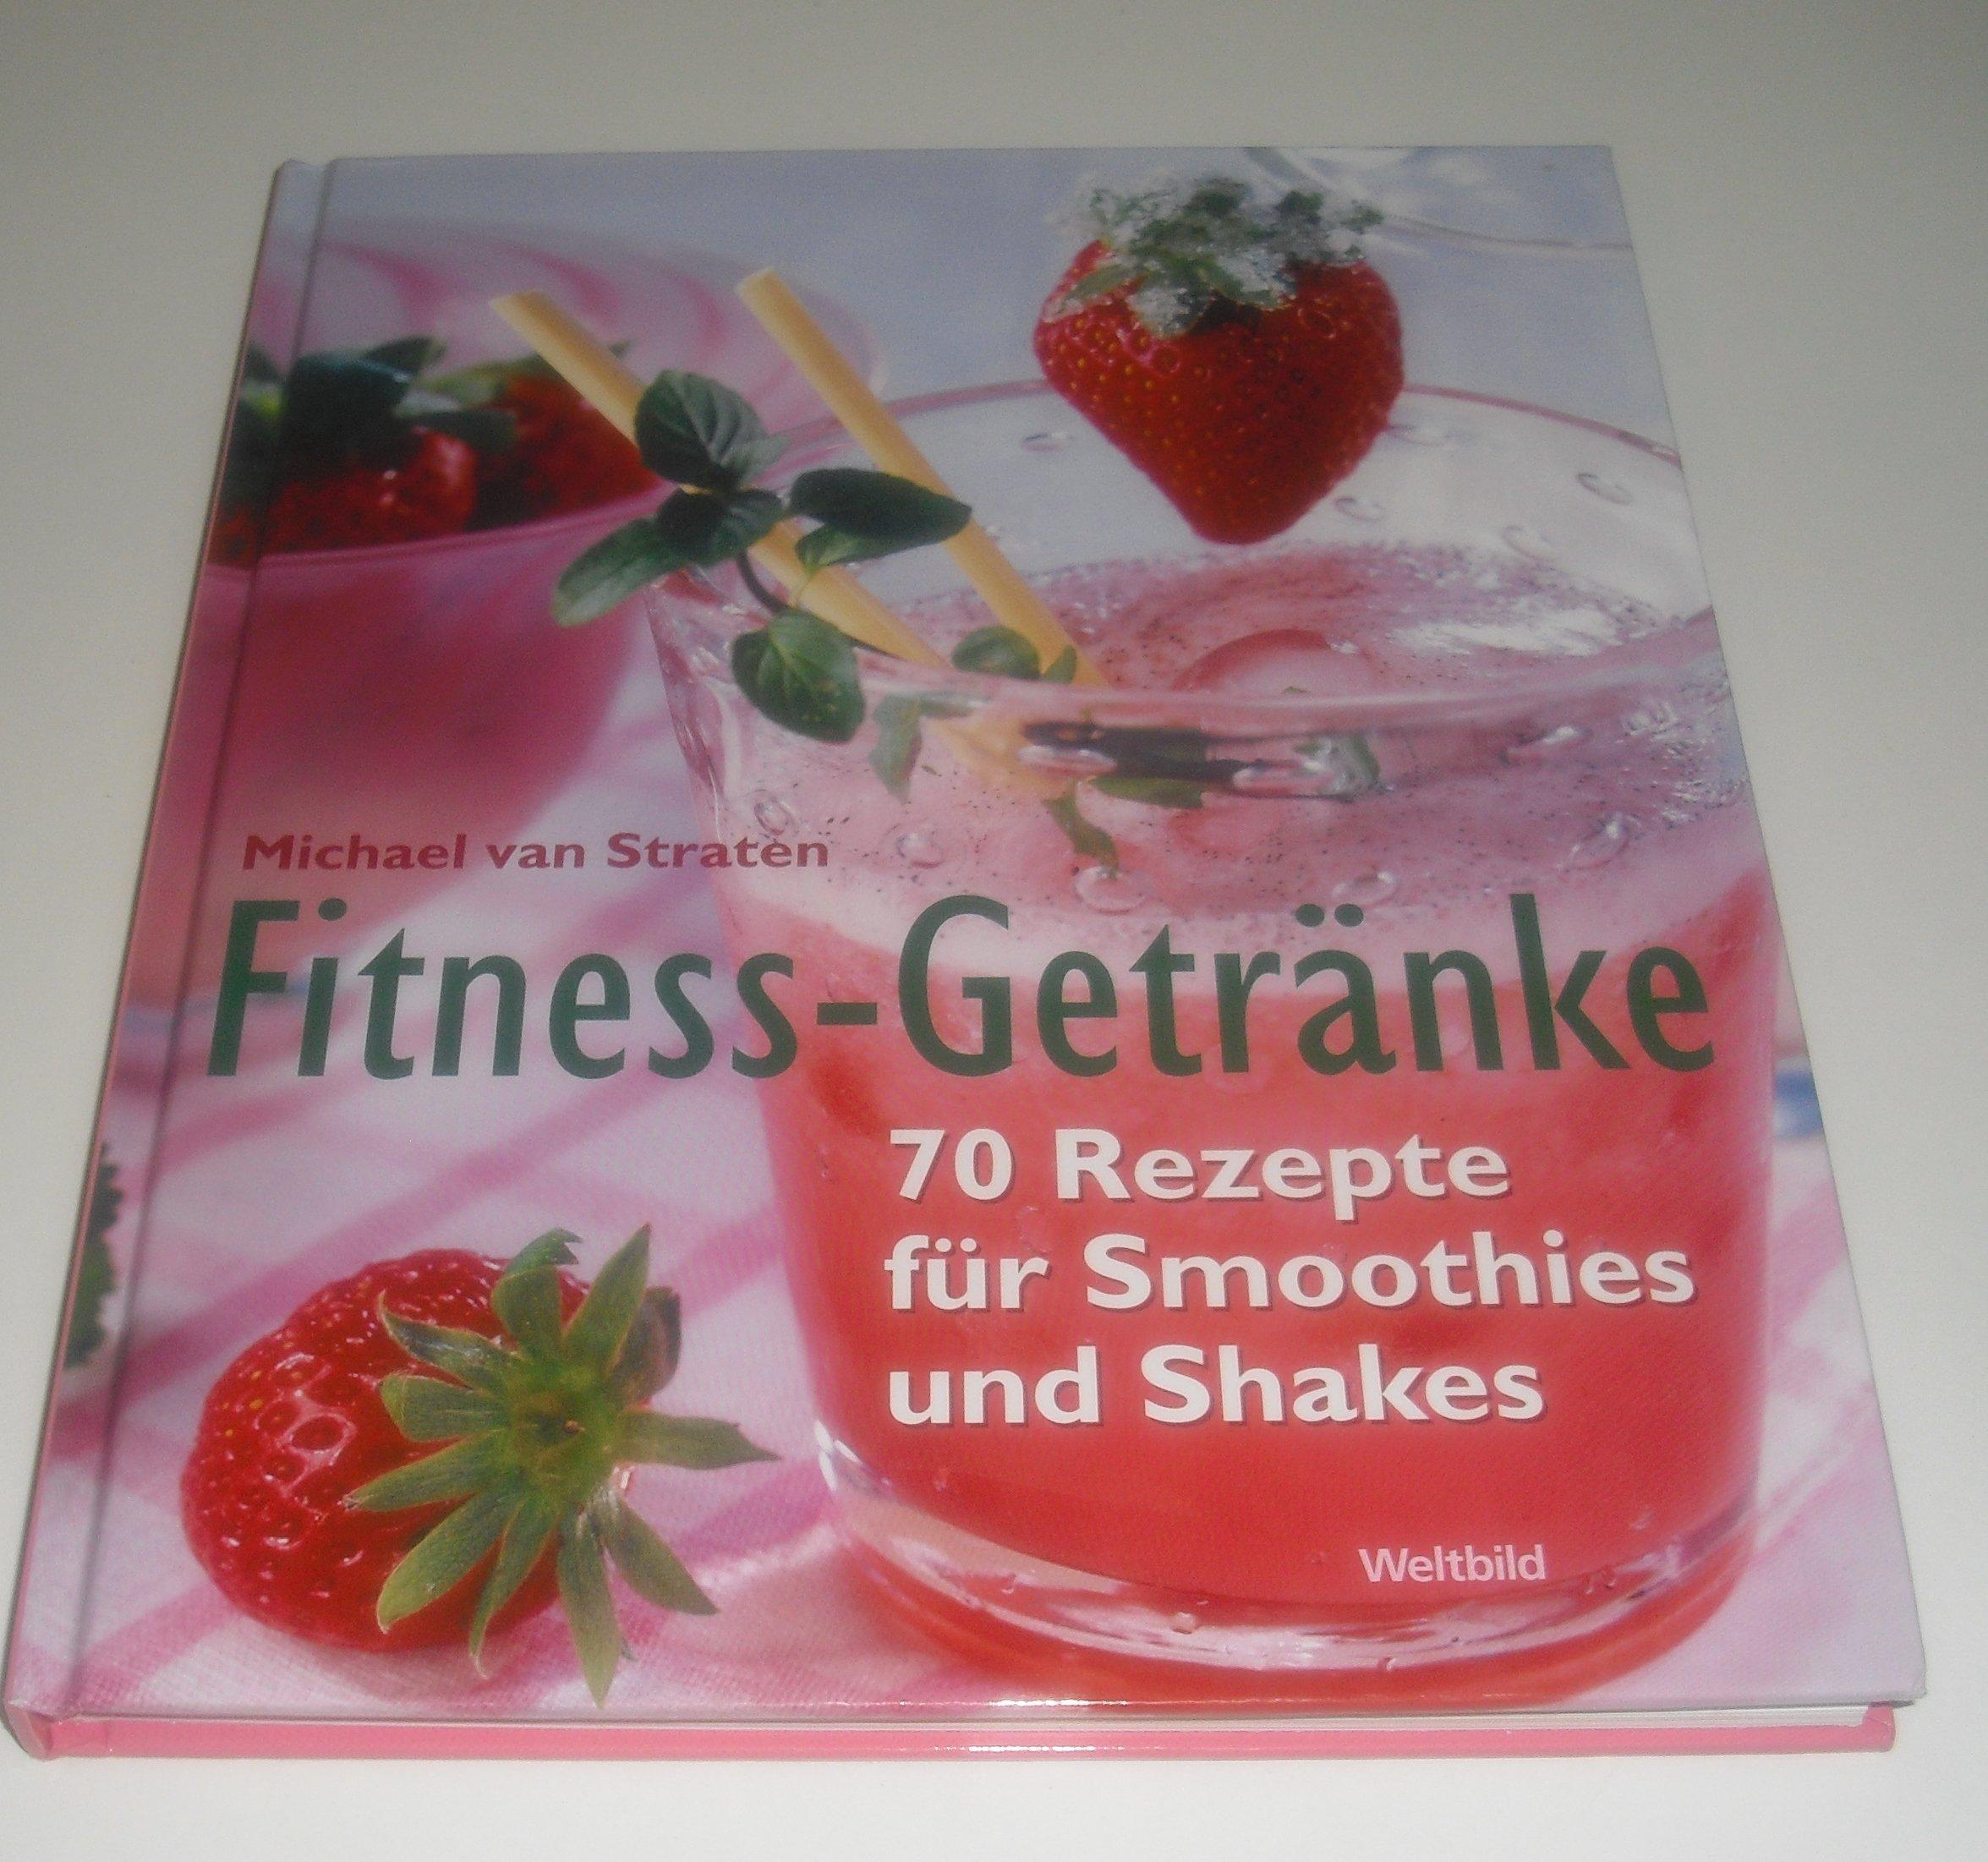 Fitness-Getränke - 70 Rezepte für Smoothies und Shakes: Amazon.de ...